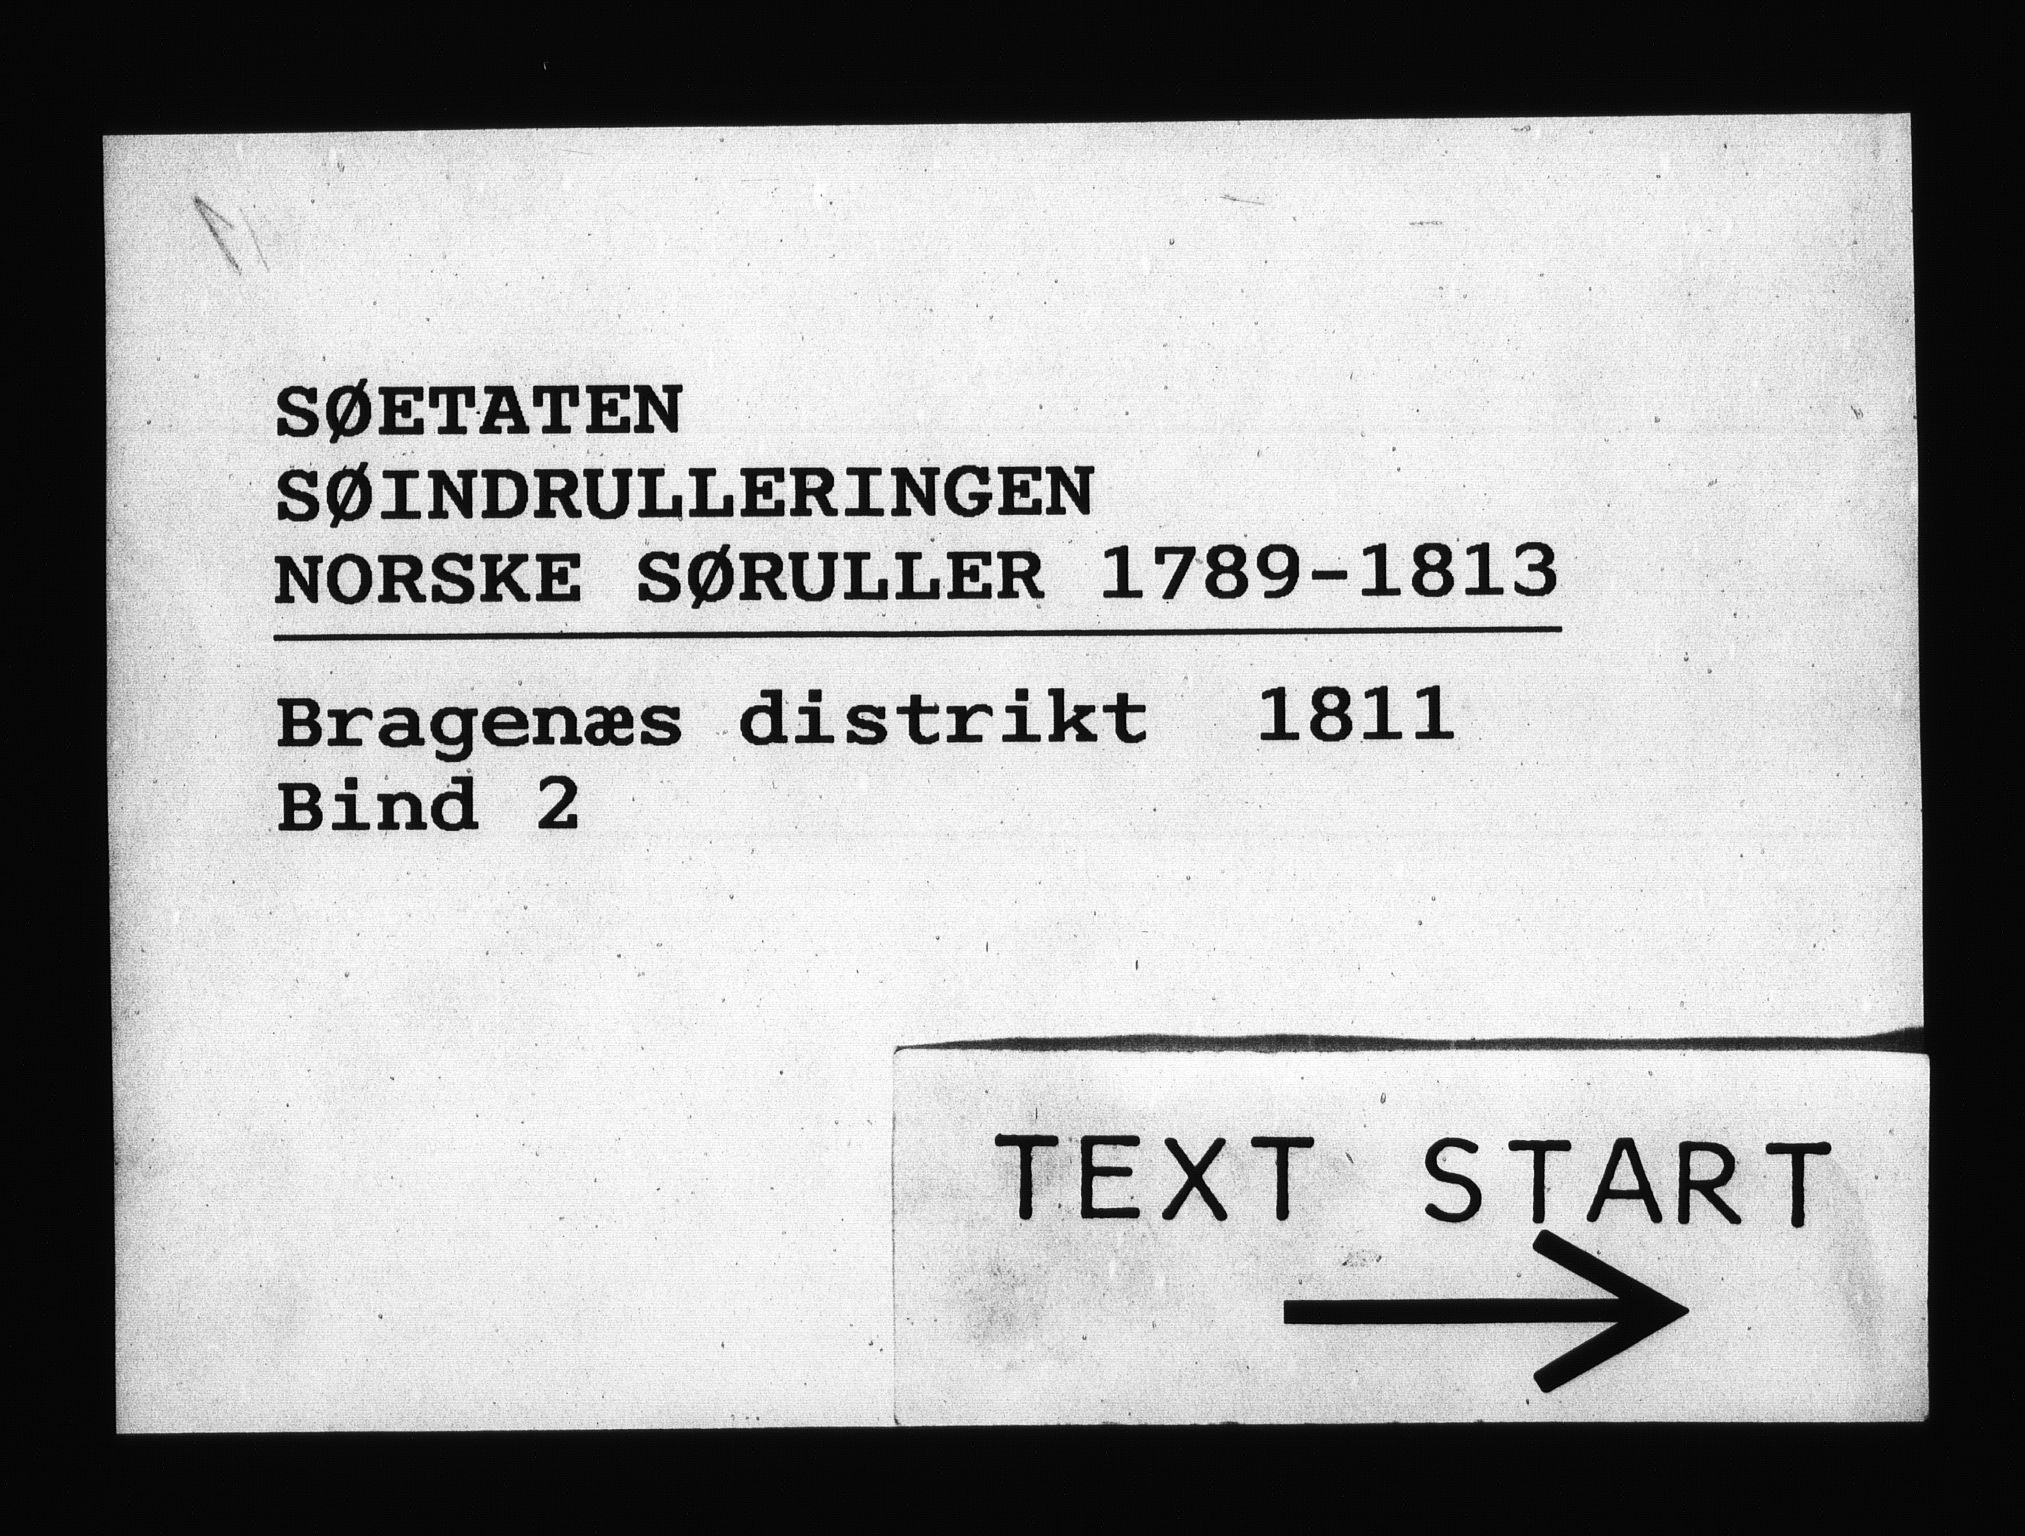 RA, Sjøetaten, F/L0161: Bragernes distrikt, bind 2, 1811